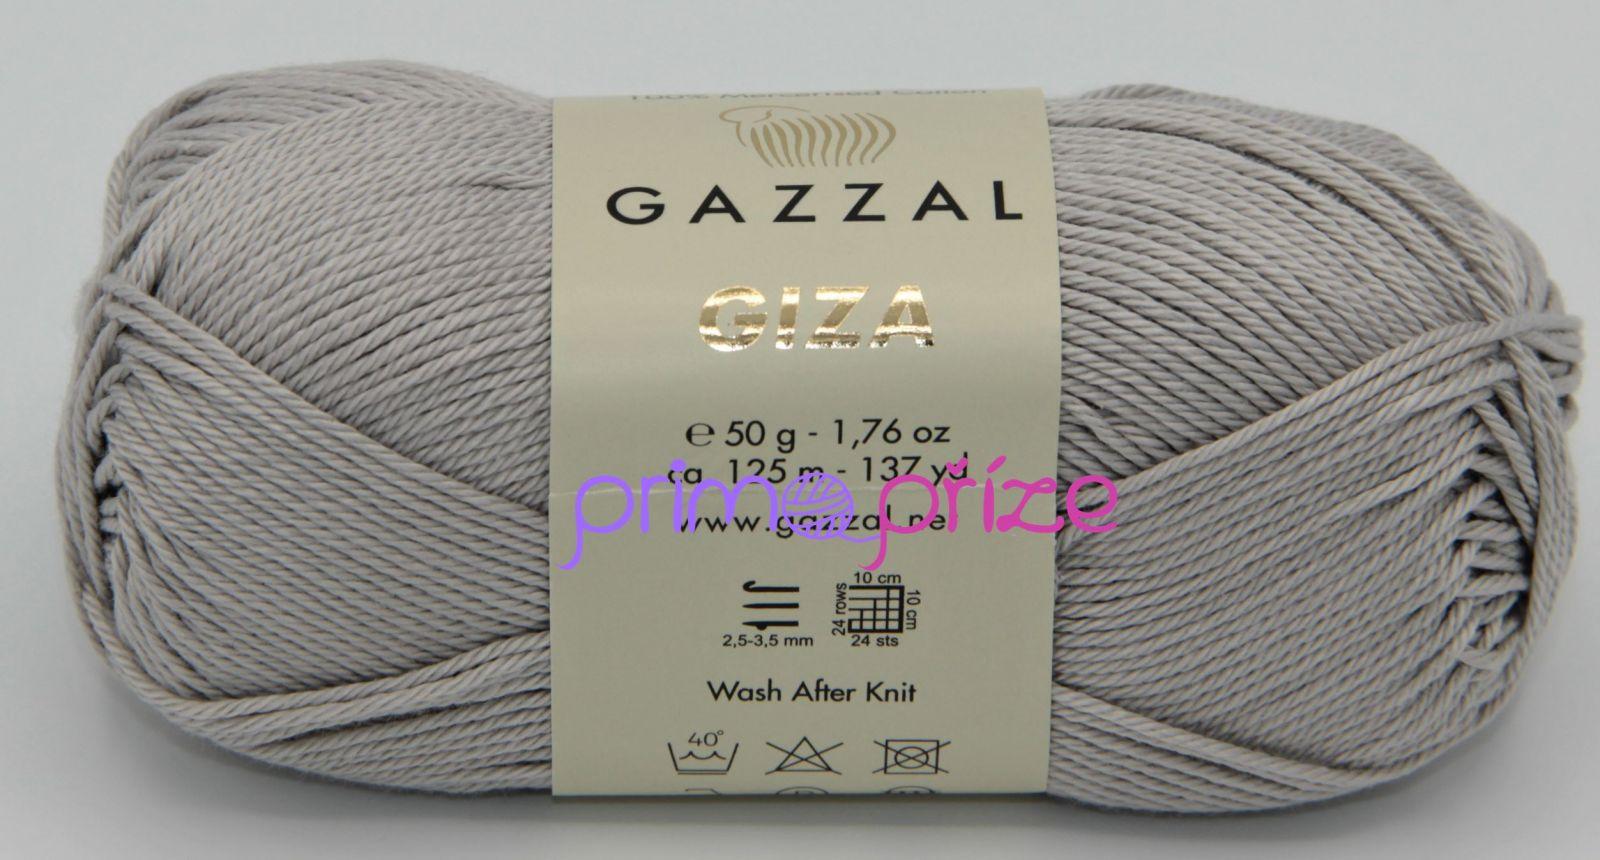 GAZZAL Giza 2456 světle šedá